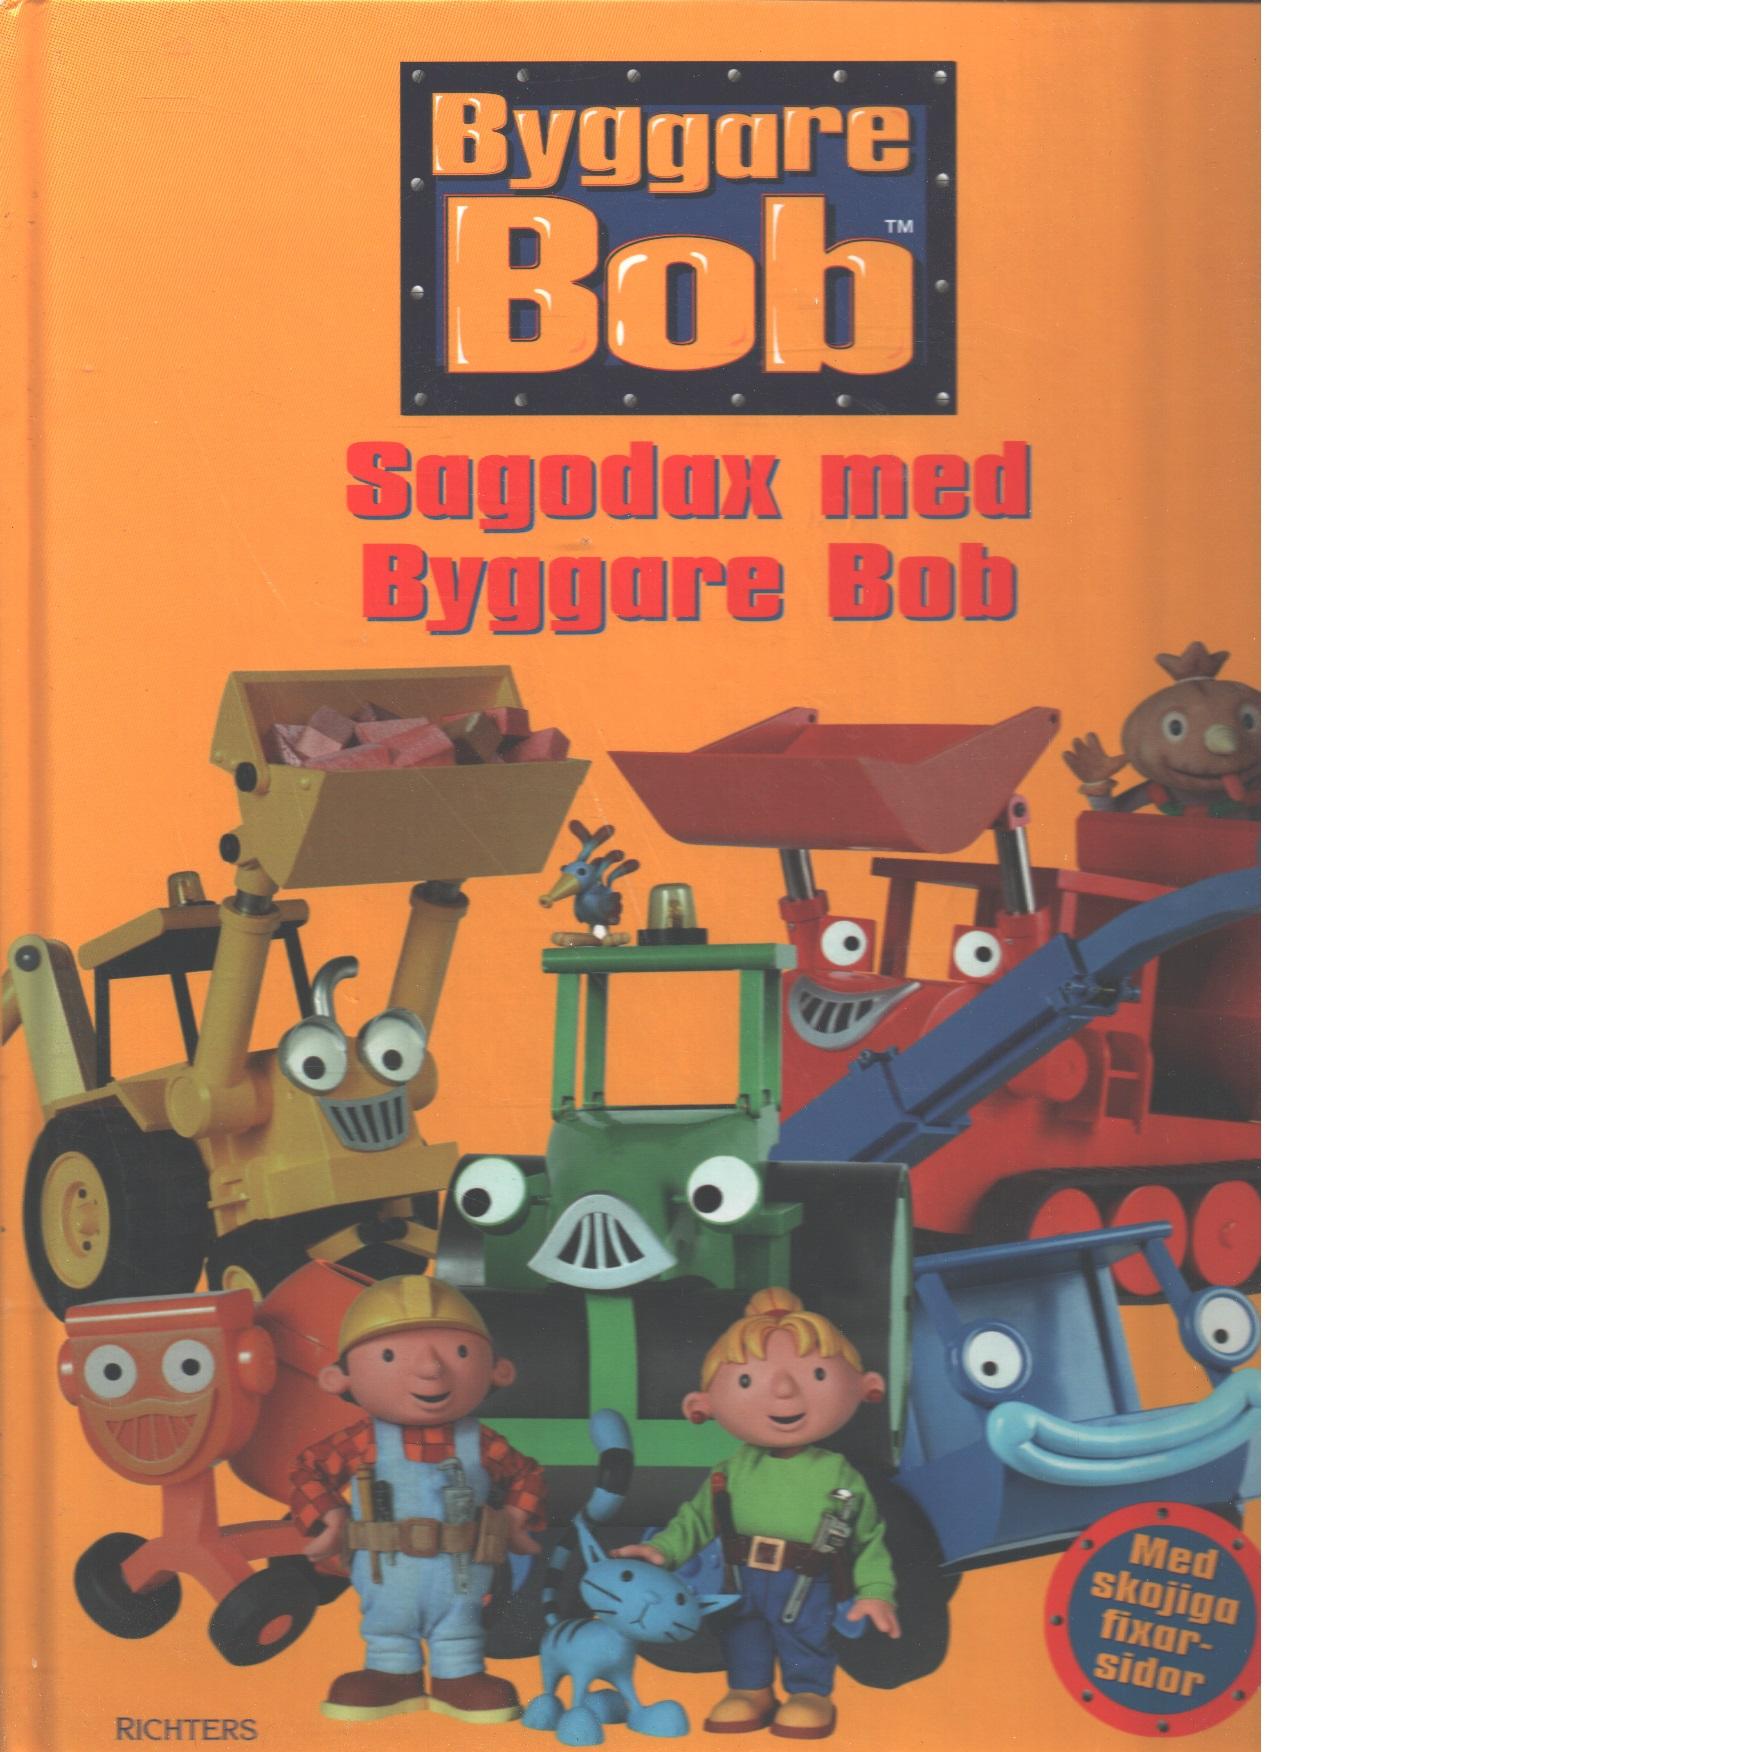 Sagodax med Byggare Bob - Red.